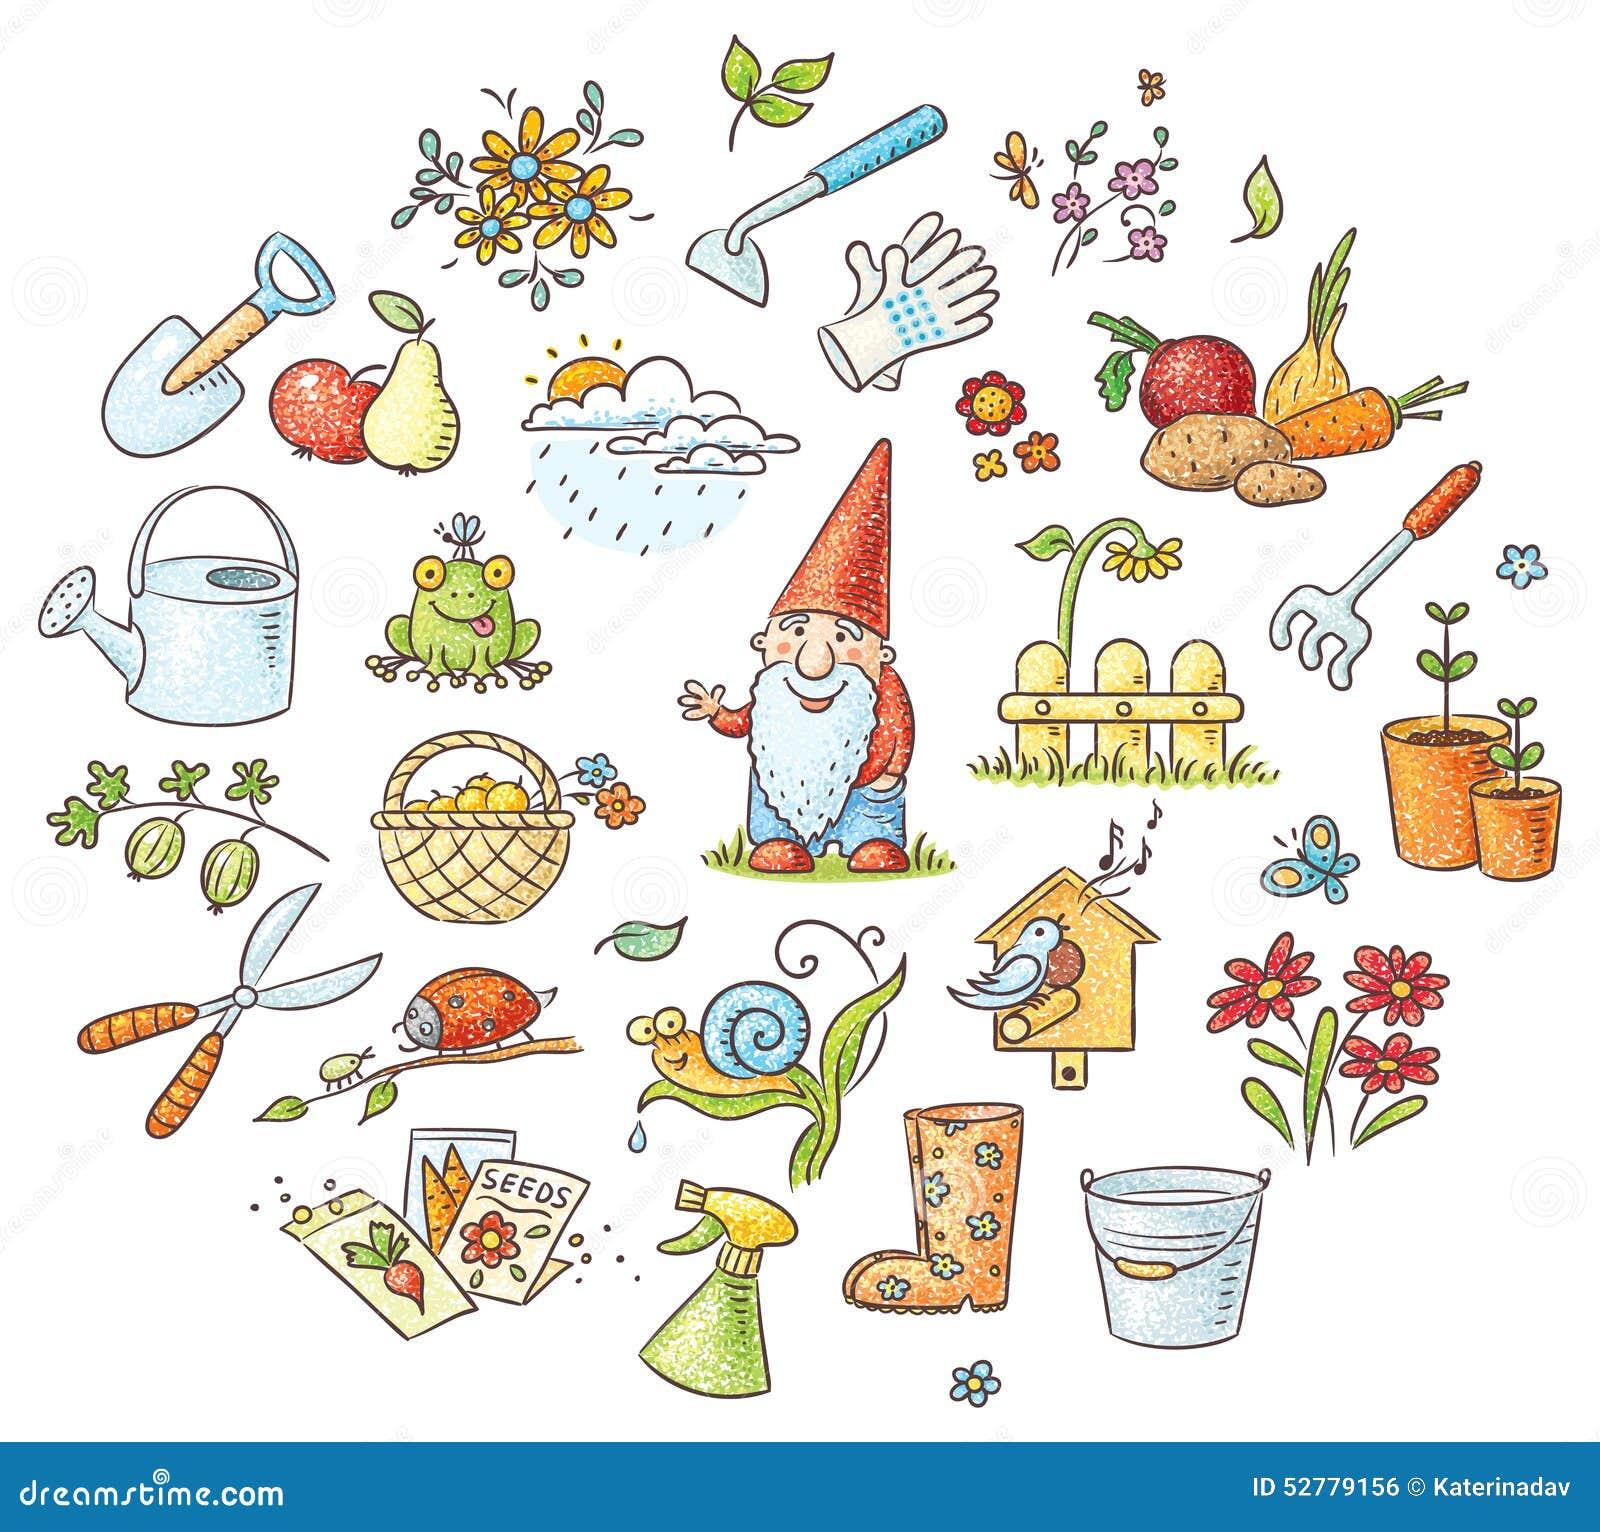 Vegetable garden kids drawing - Cartoon Gardening Set Stock Vector Image 52779156